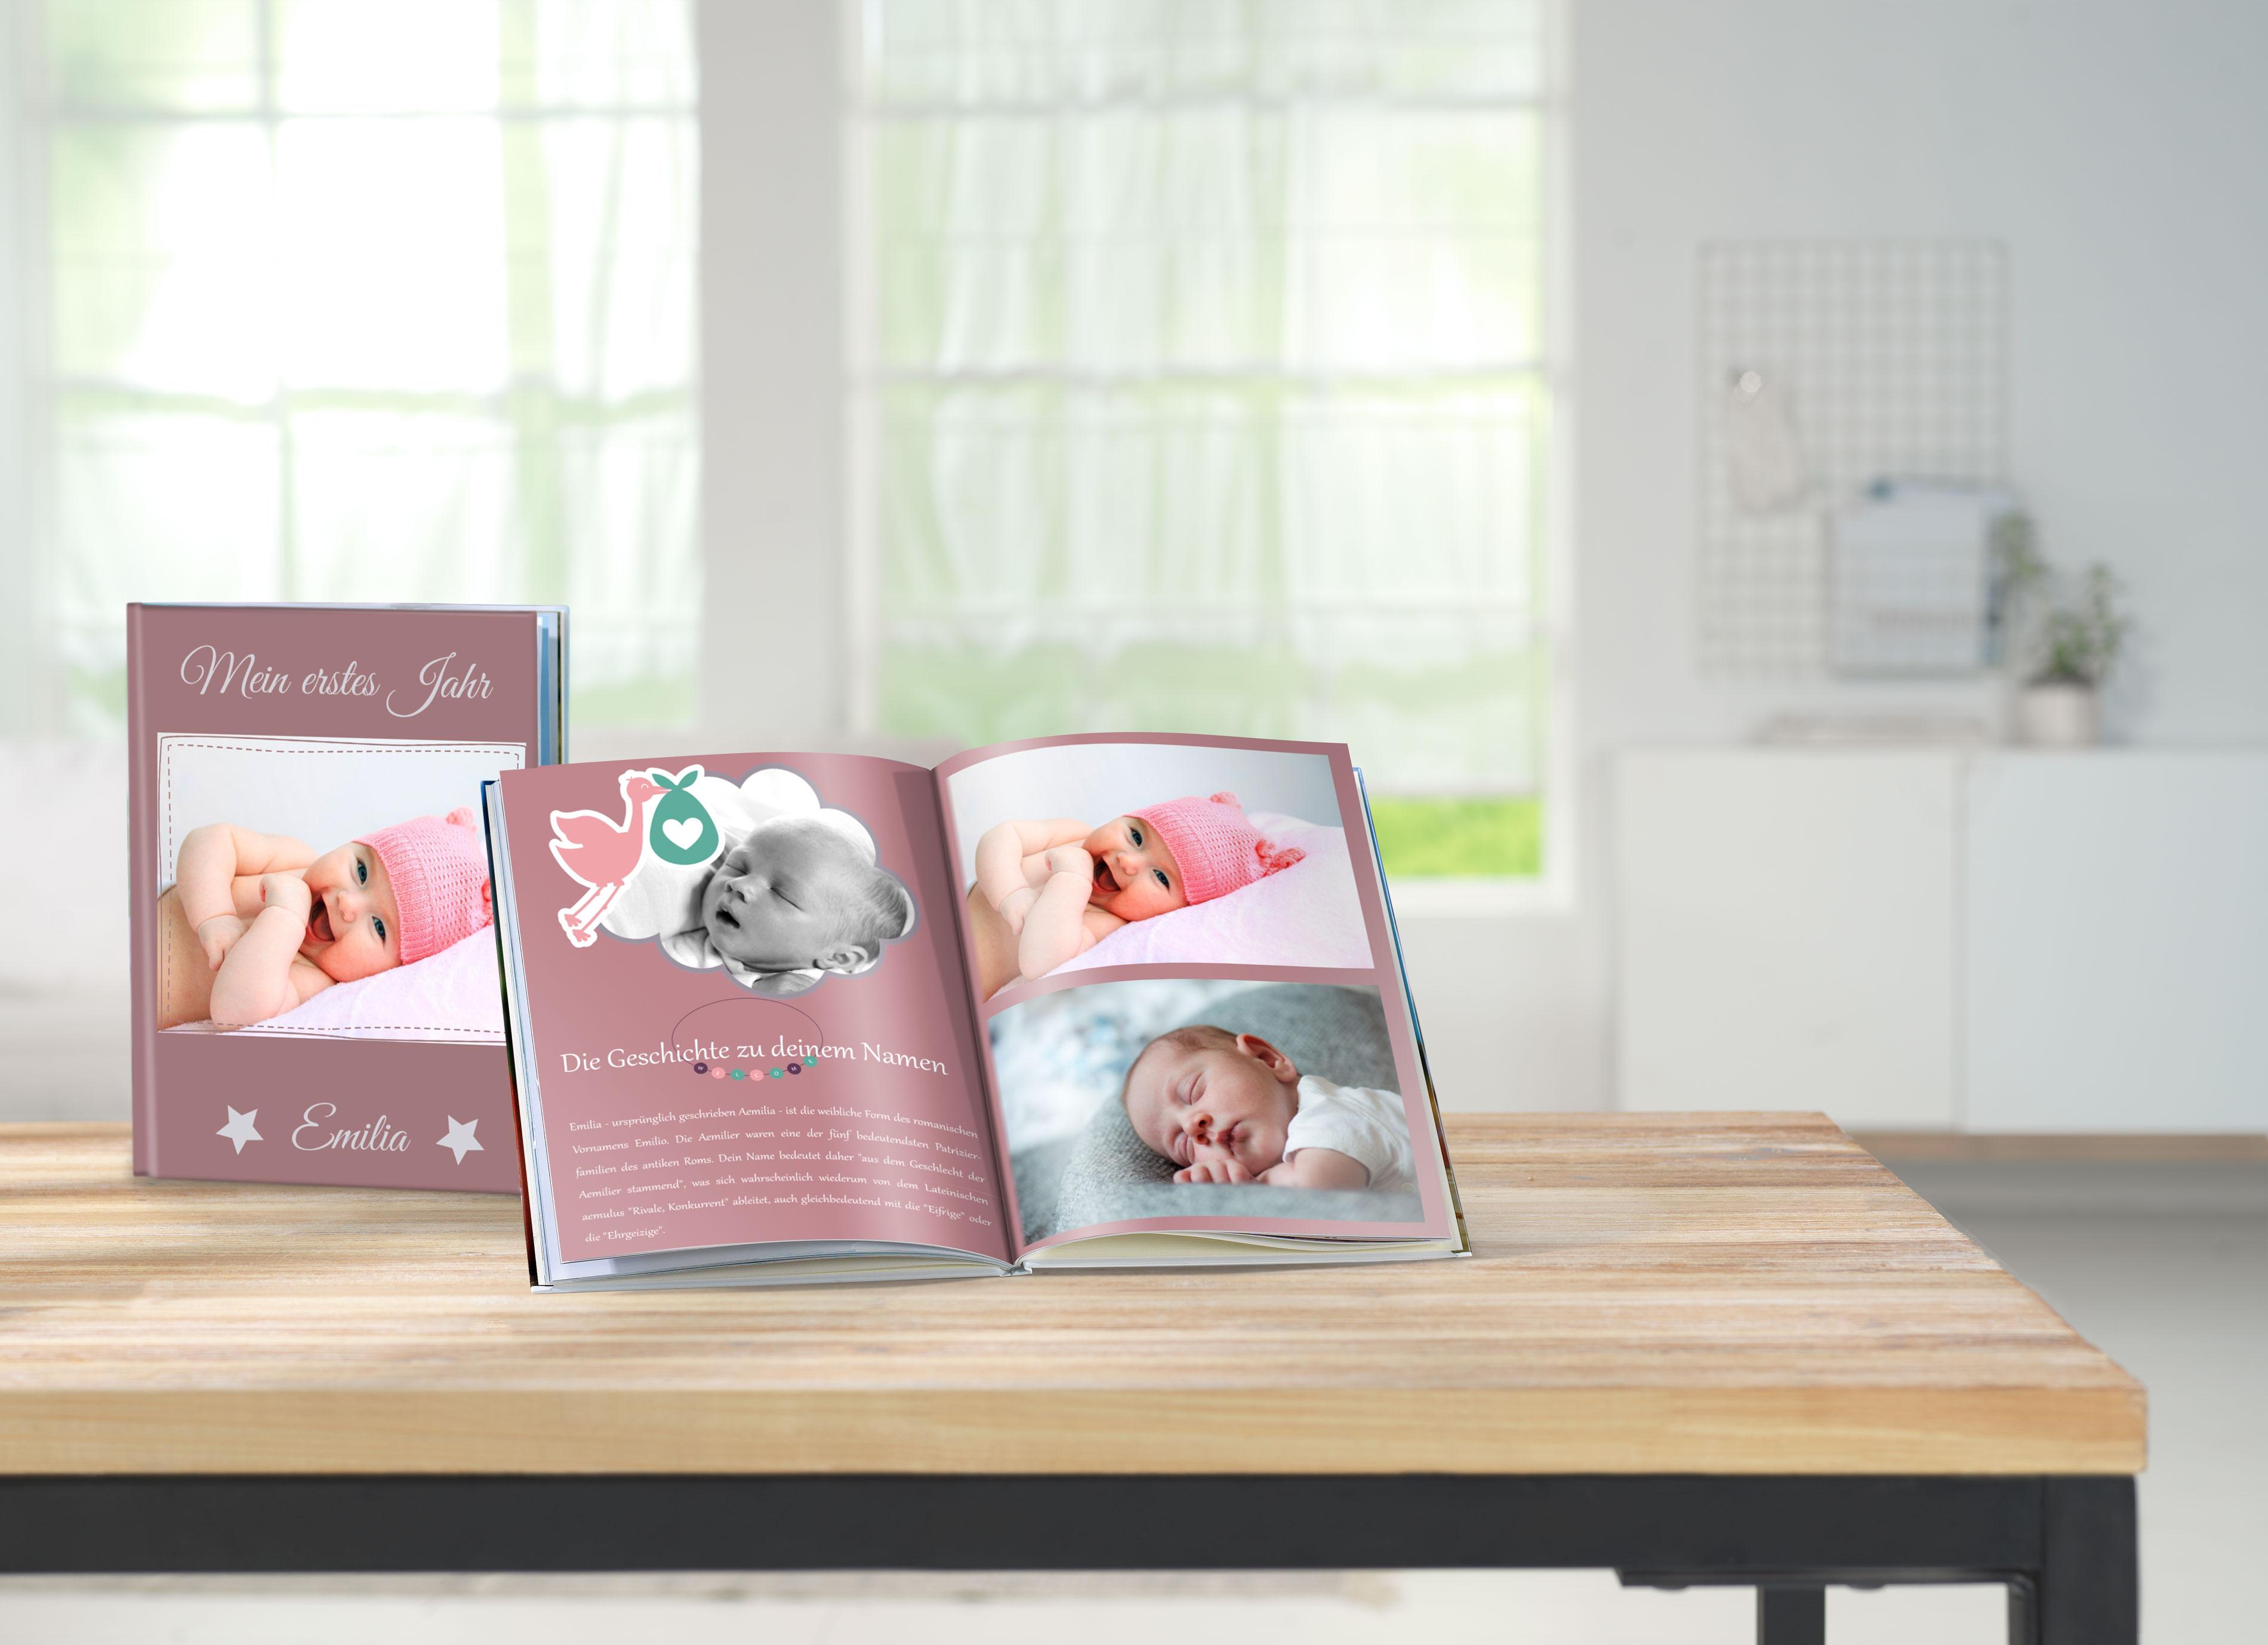 Creative ideas for a baby photo book | Pixum